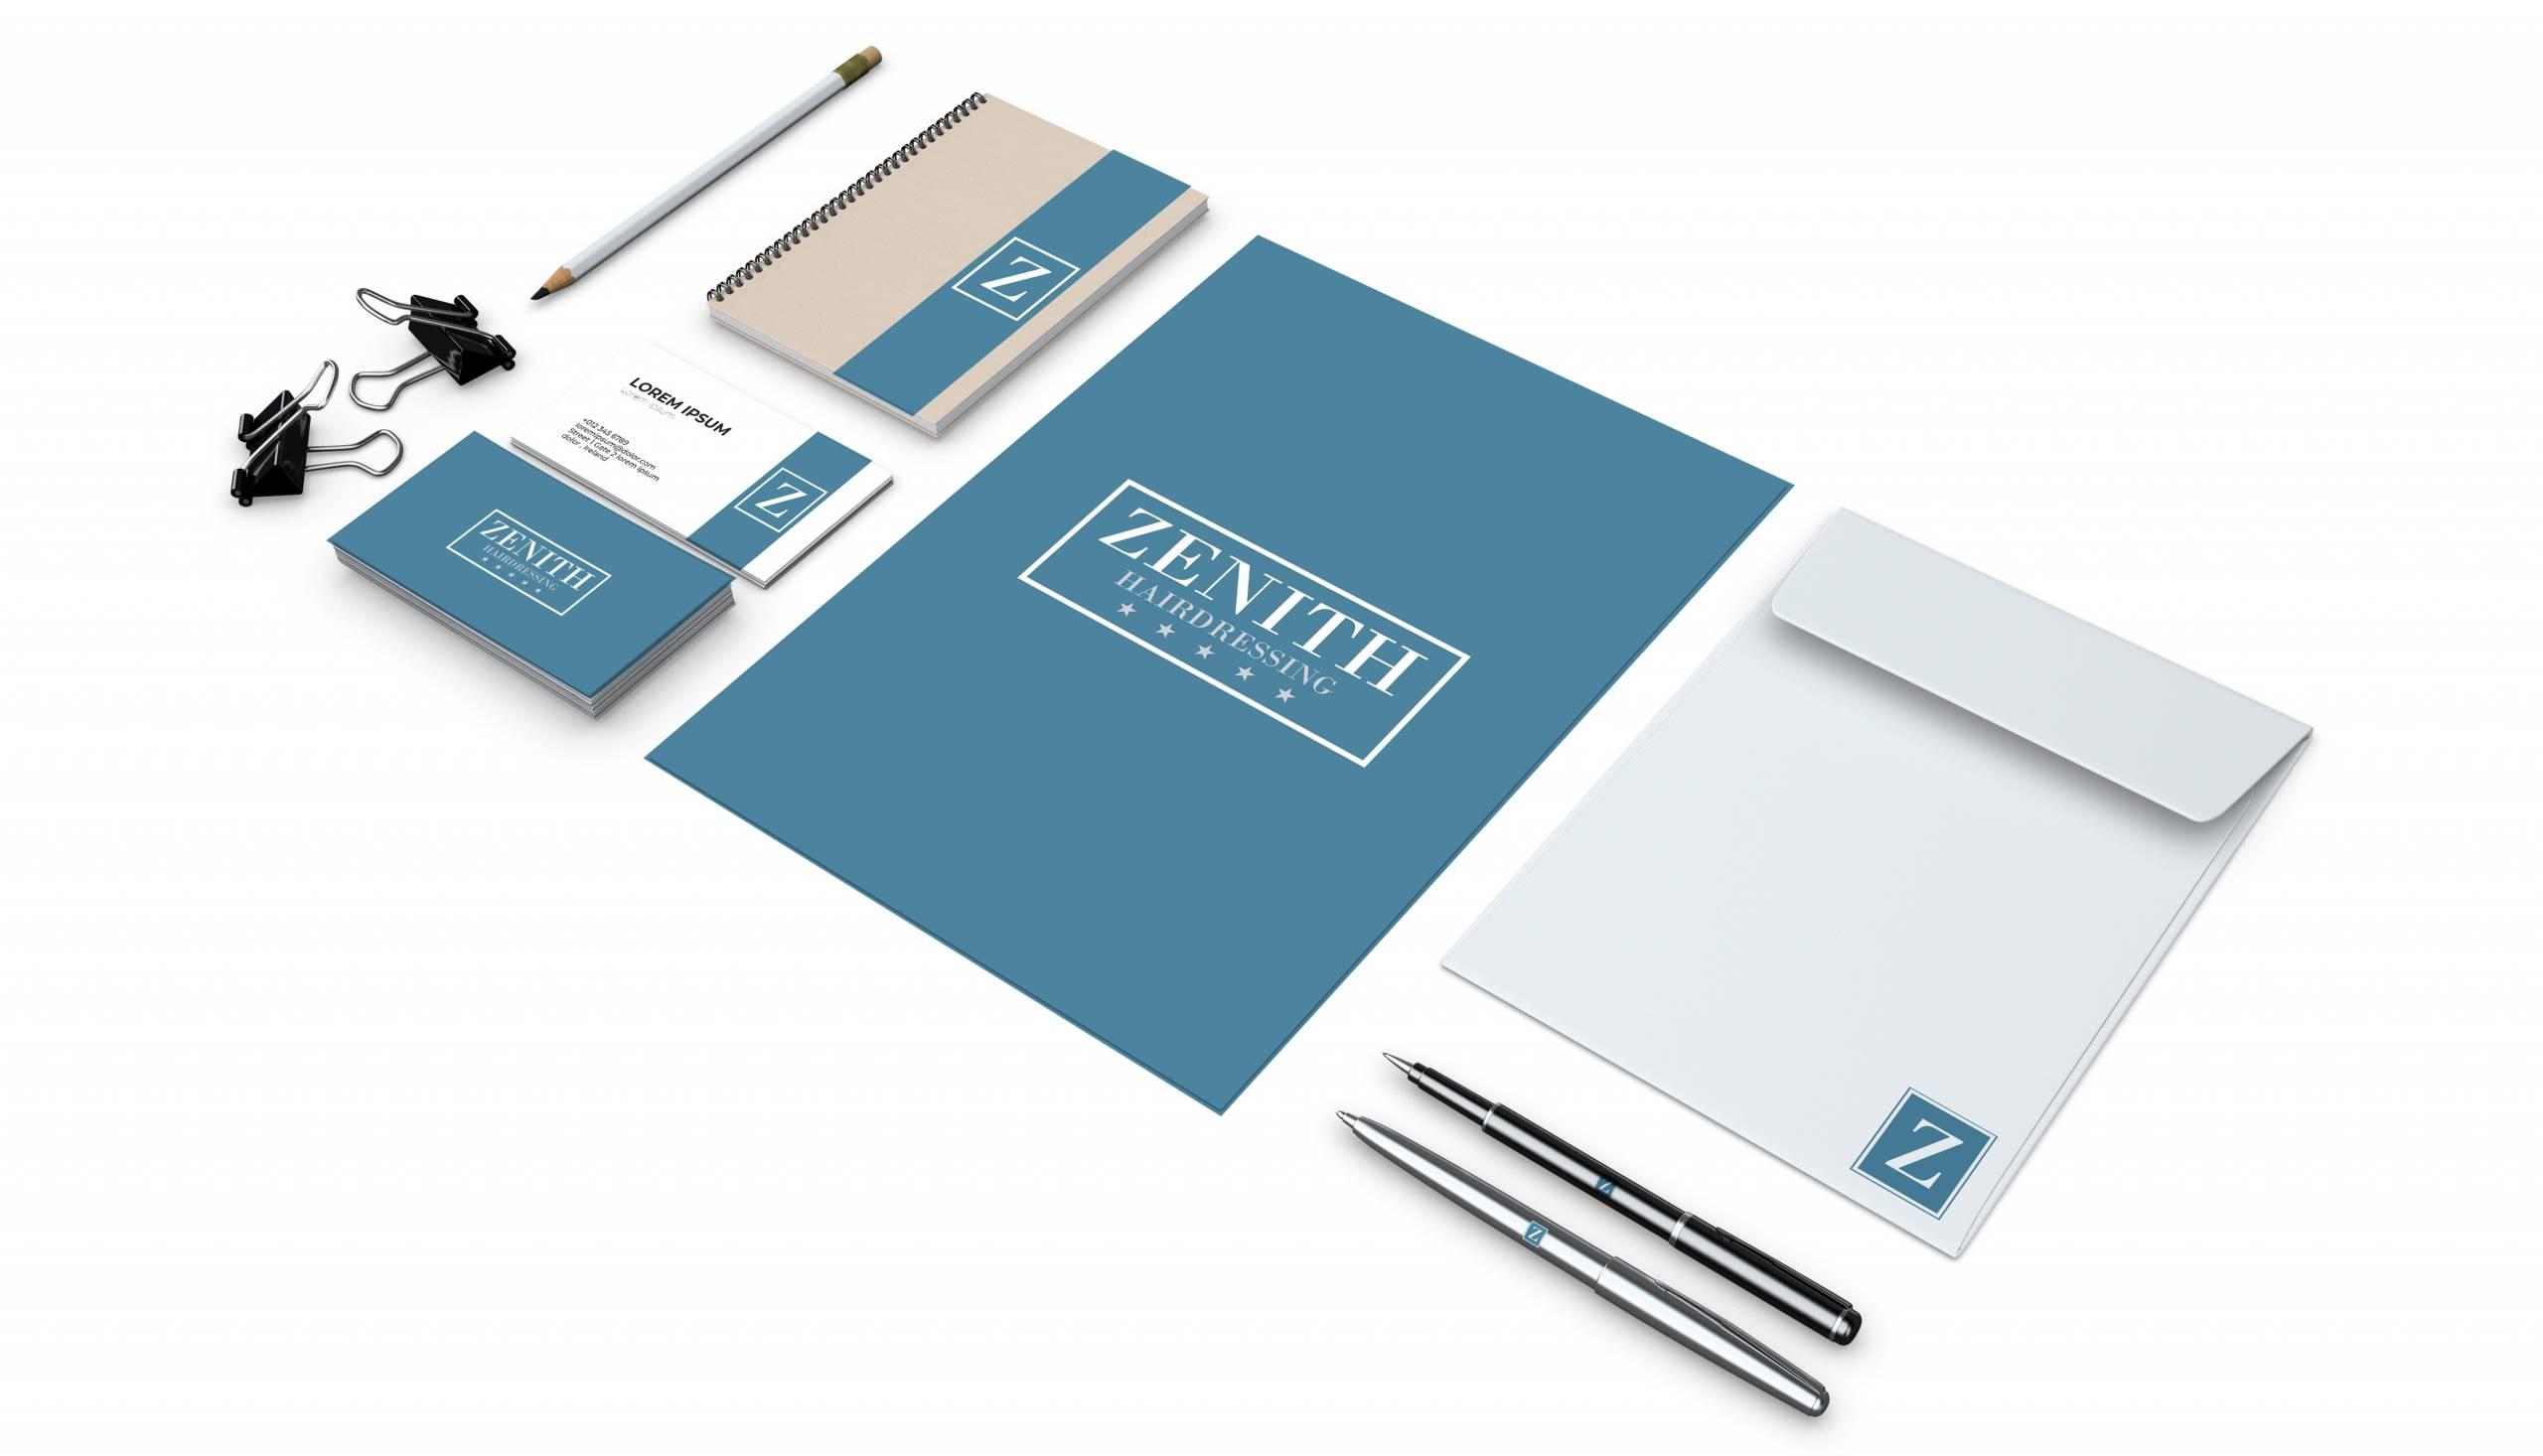 zenith-5